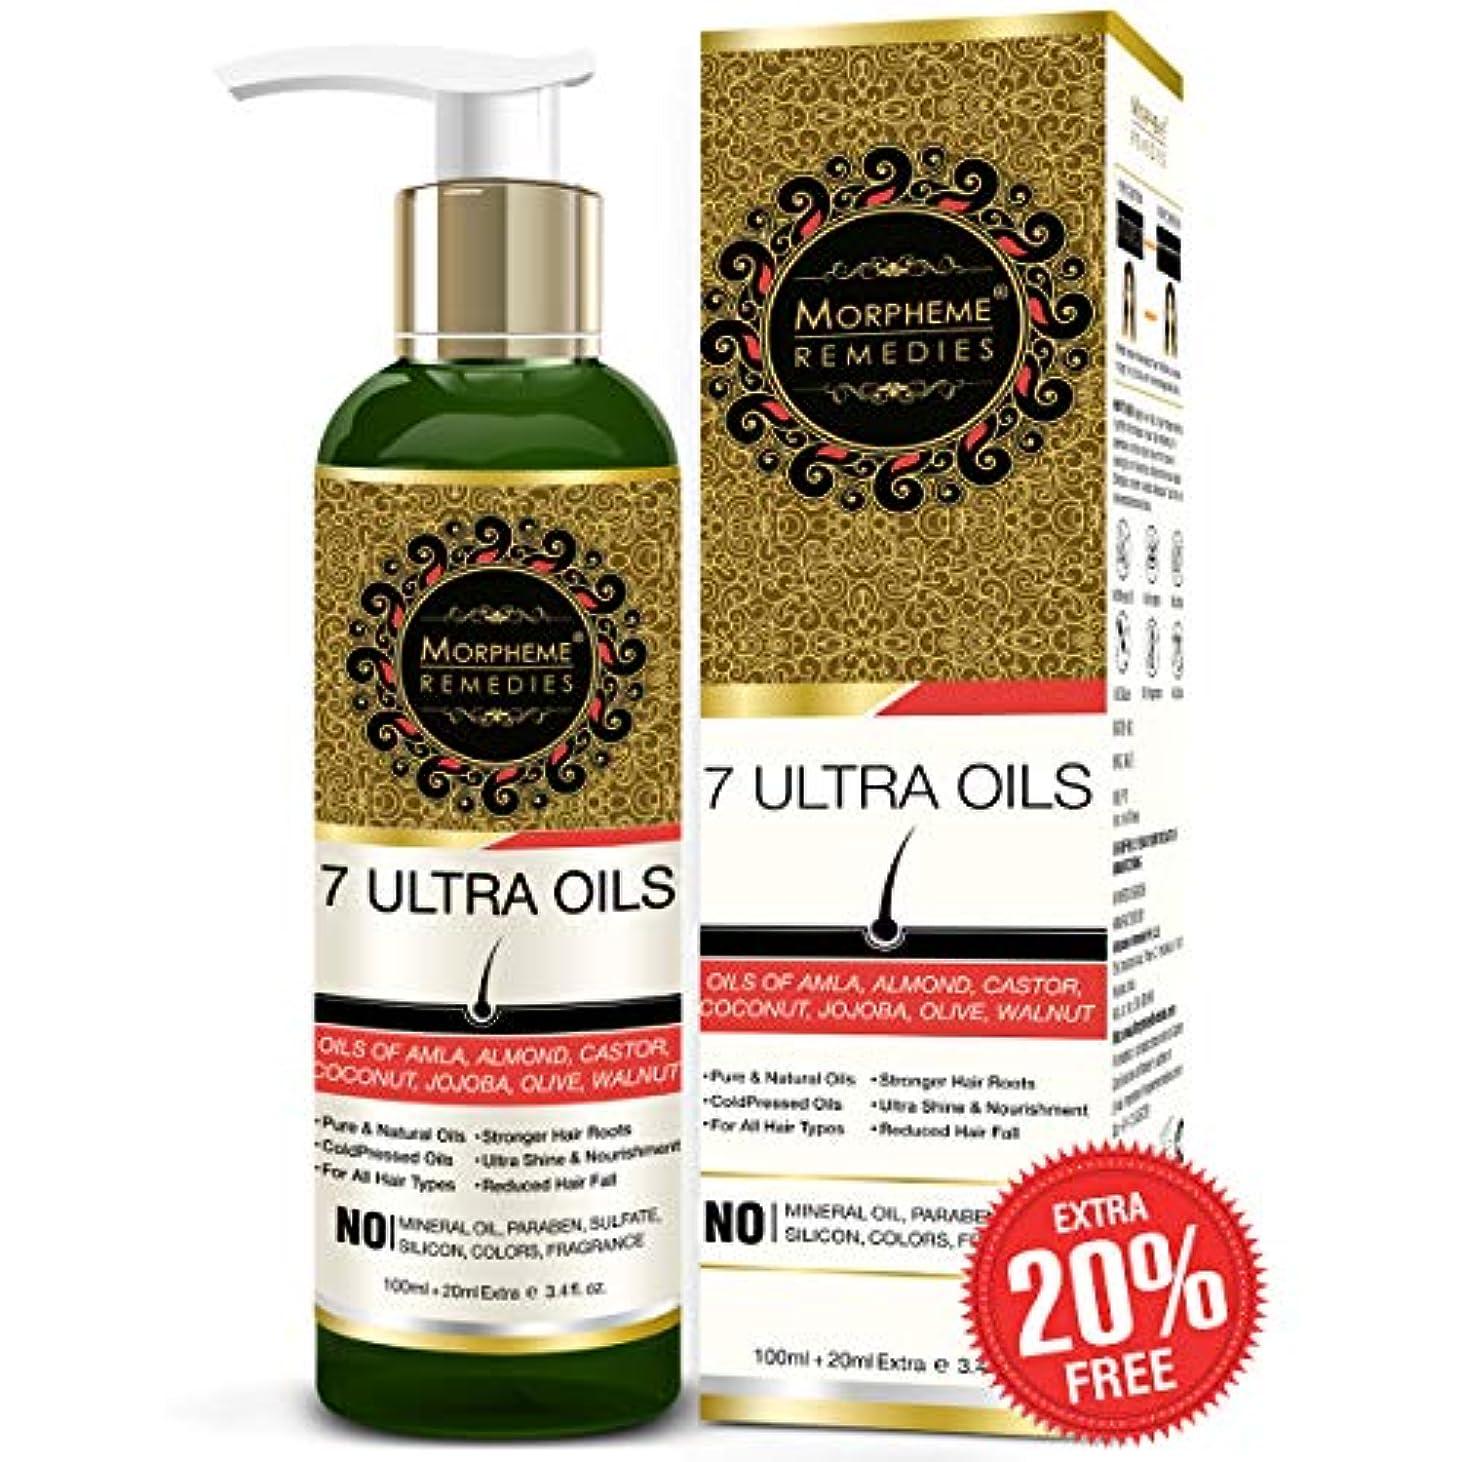 発掘するインターネットグリップMorpheme Remedies 7 Ultra Hair Oil - (Almond, Castor, Jojoba, Coconut, Olive, Walnut, Amla Oils) - 120 ml